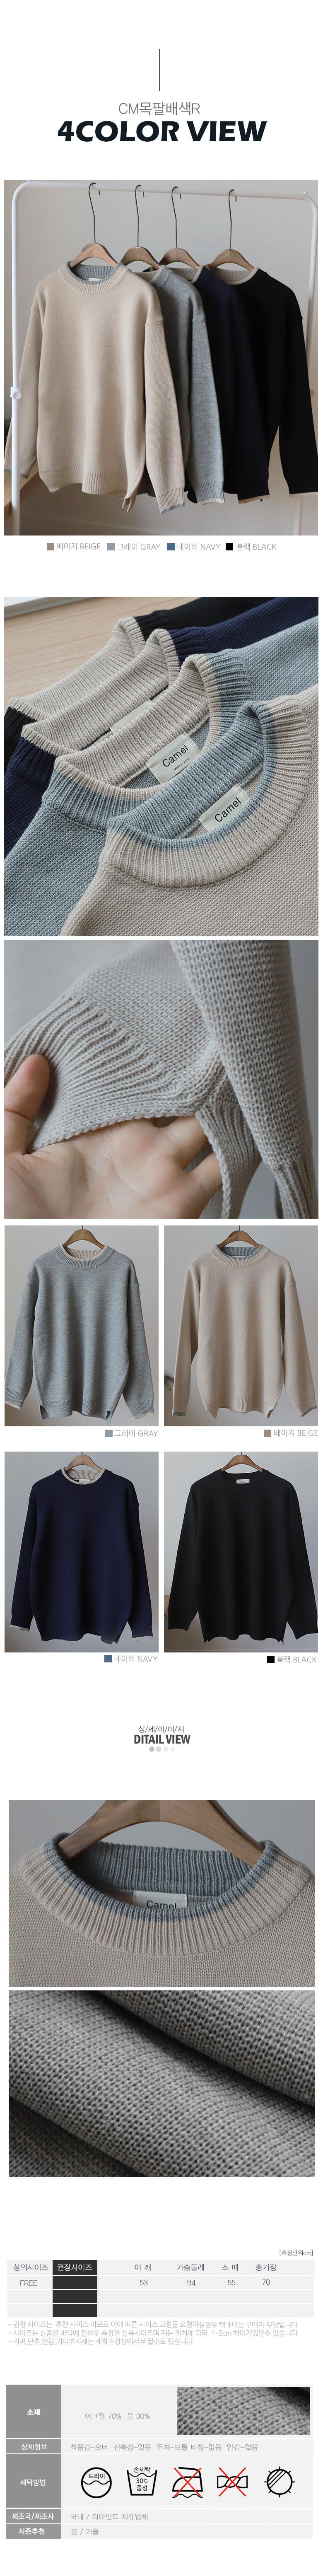 더마인드 니트라운드 CM목팔배색R - 더마인드, 39,800원, 상의, 니트/스웨터